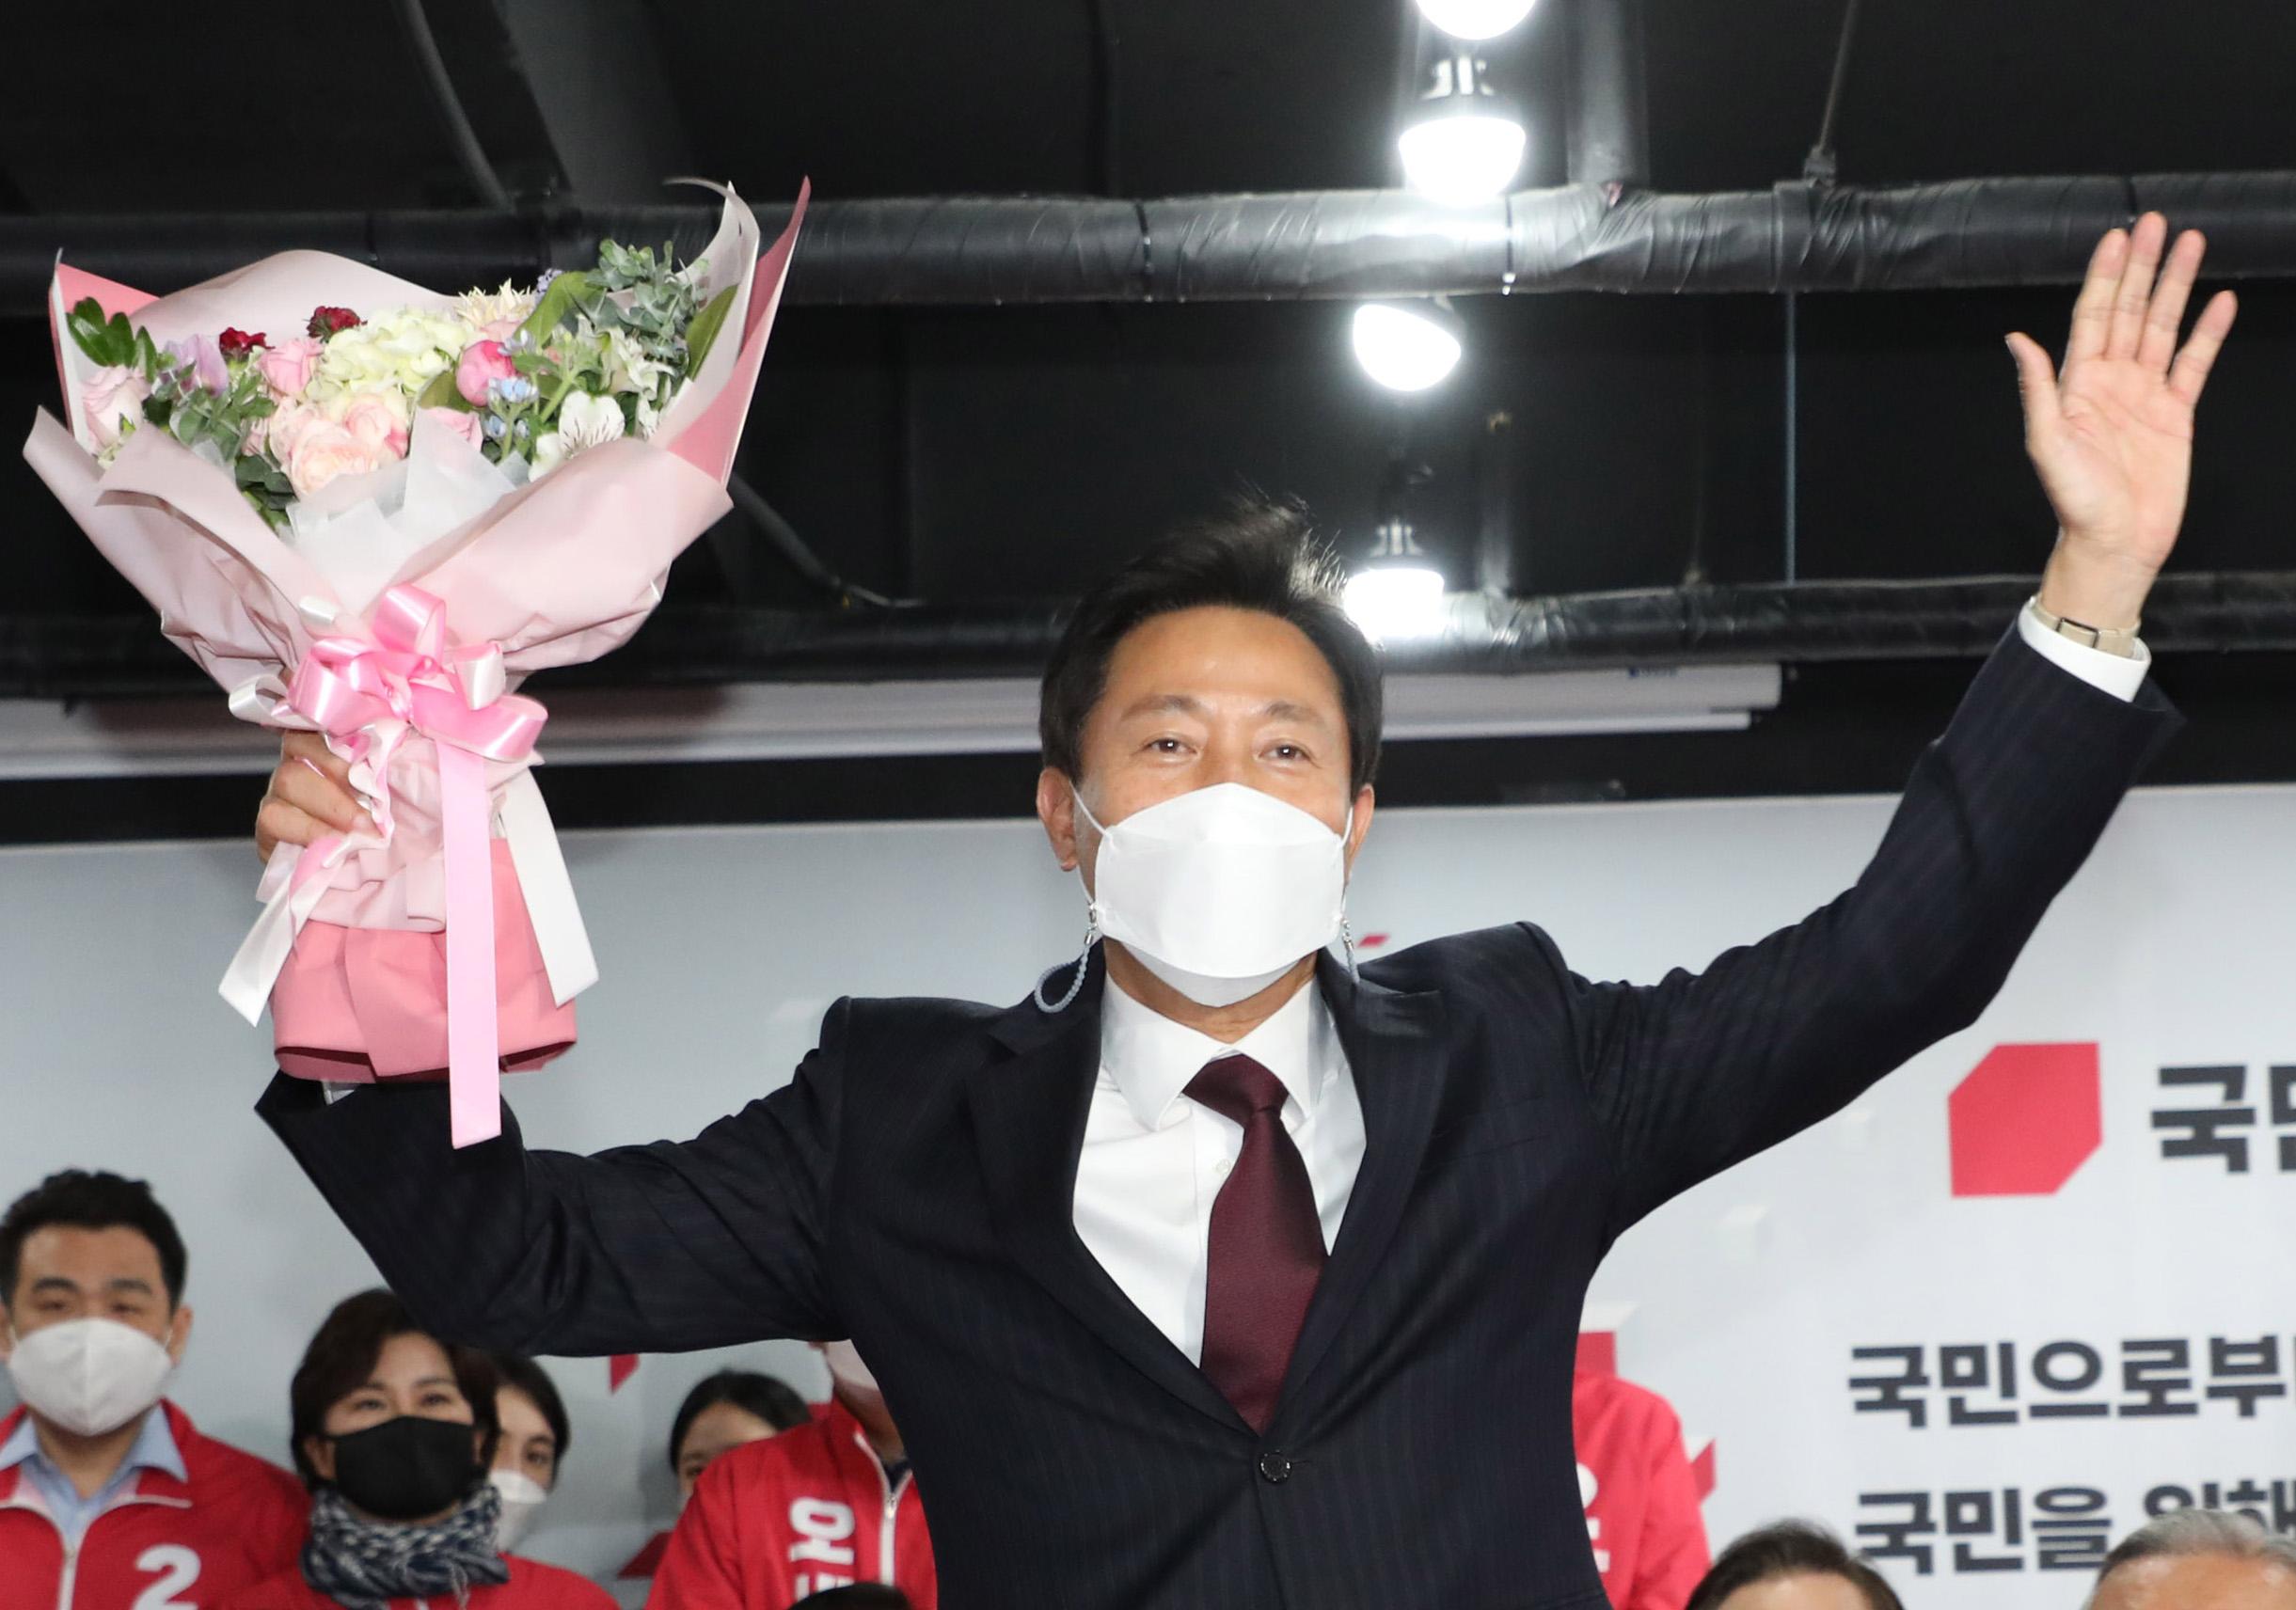 国民力量候选人吴世勋当选首尔市长 来源:澎湃影像